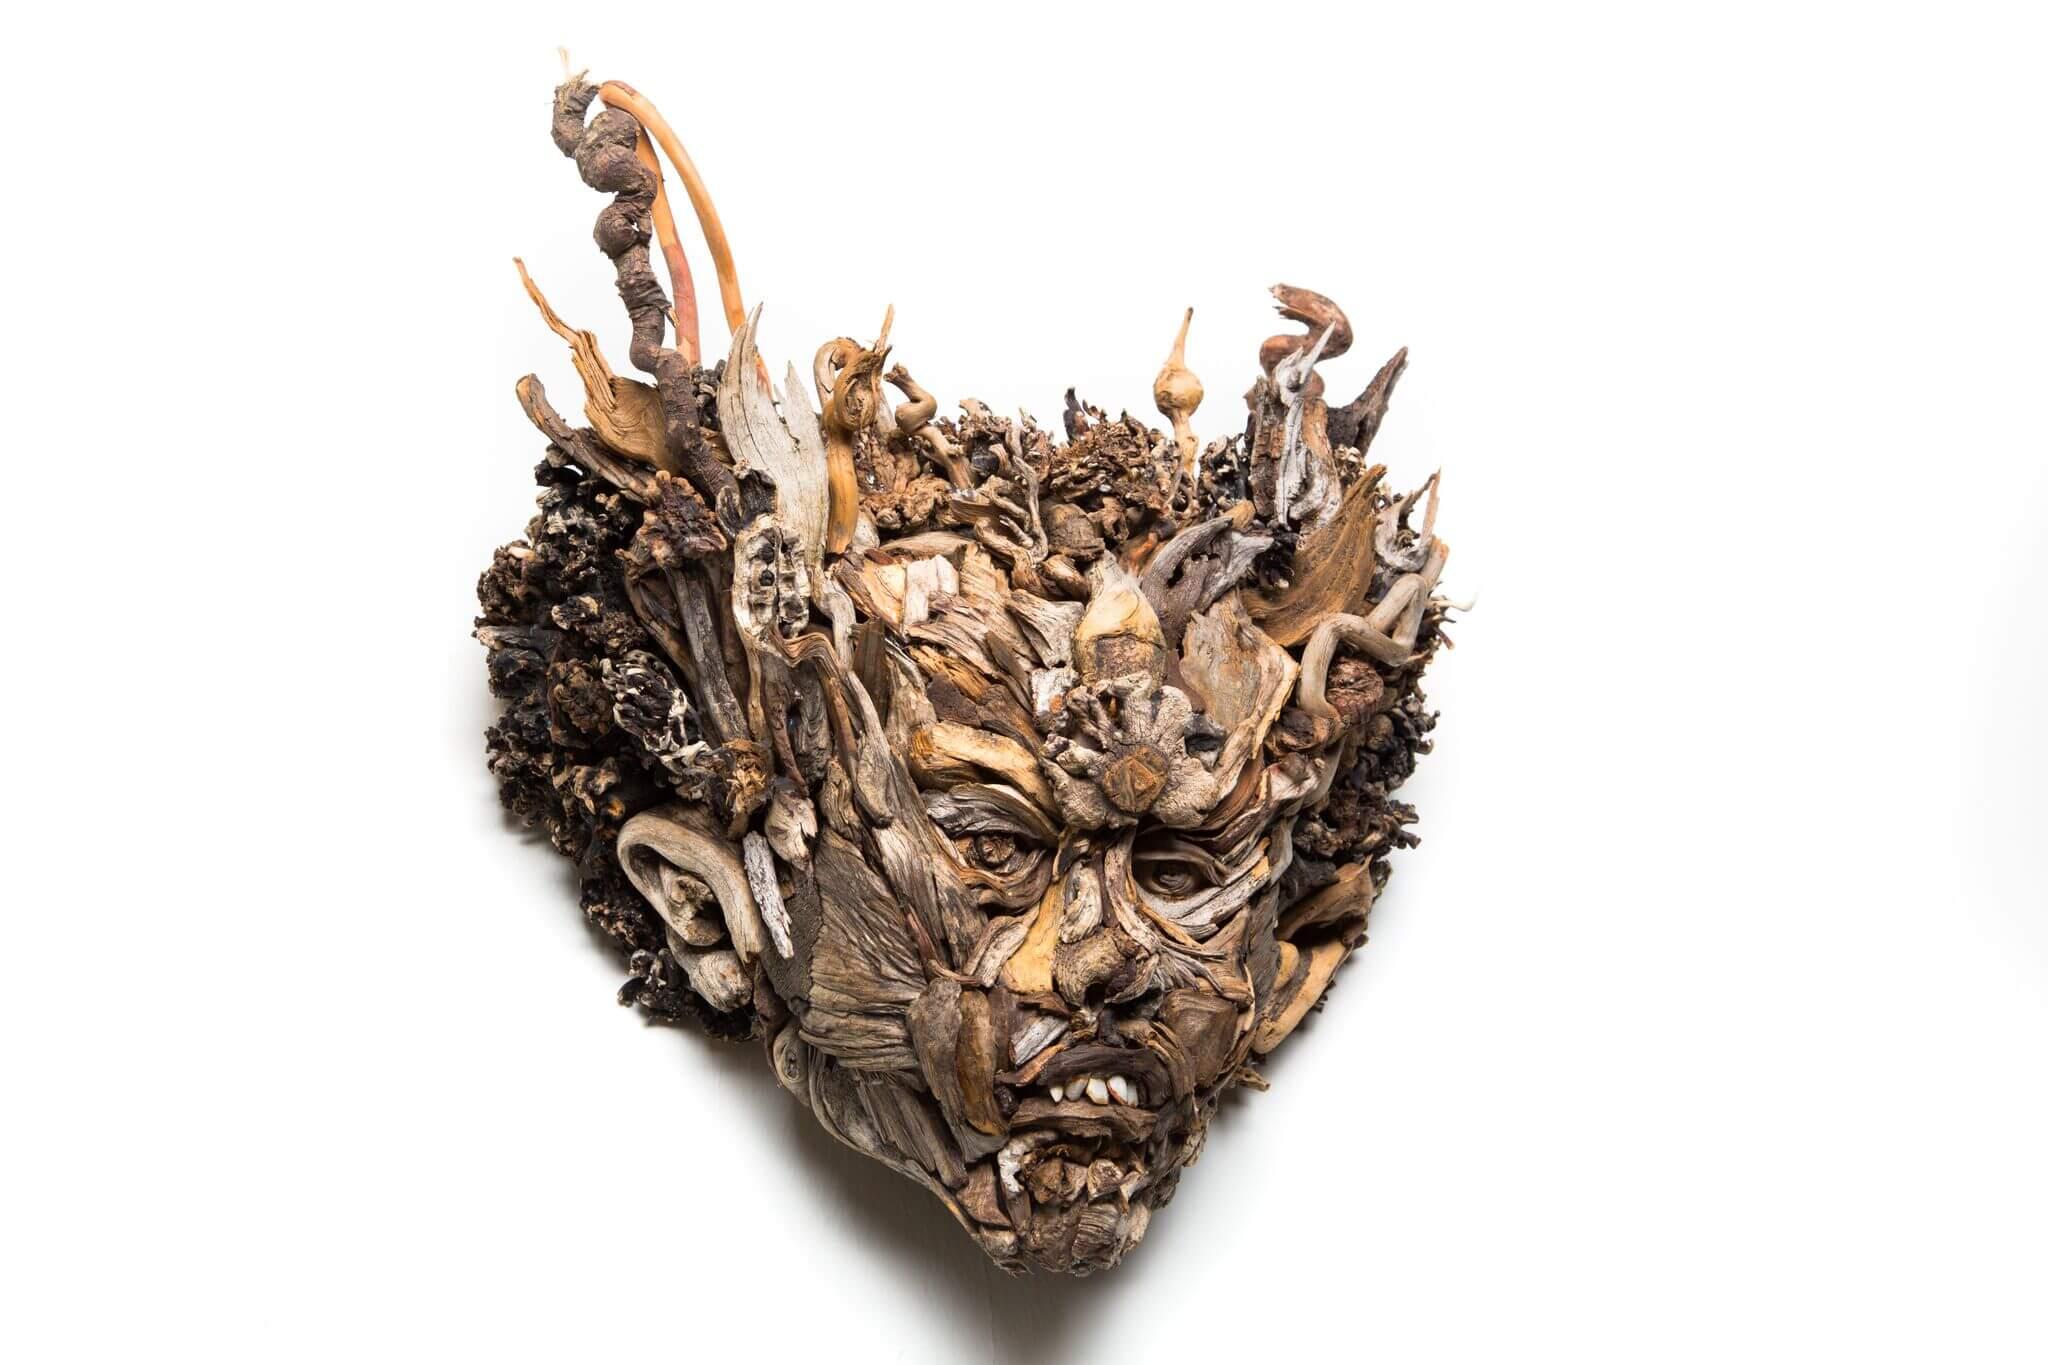 Bennett Ewing wood work 16 (1)